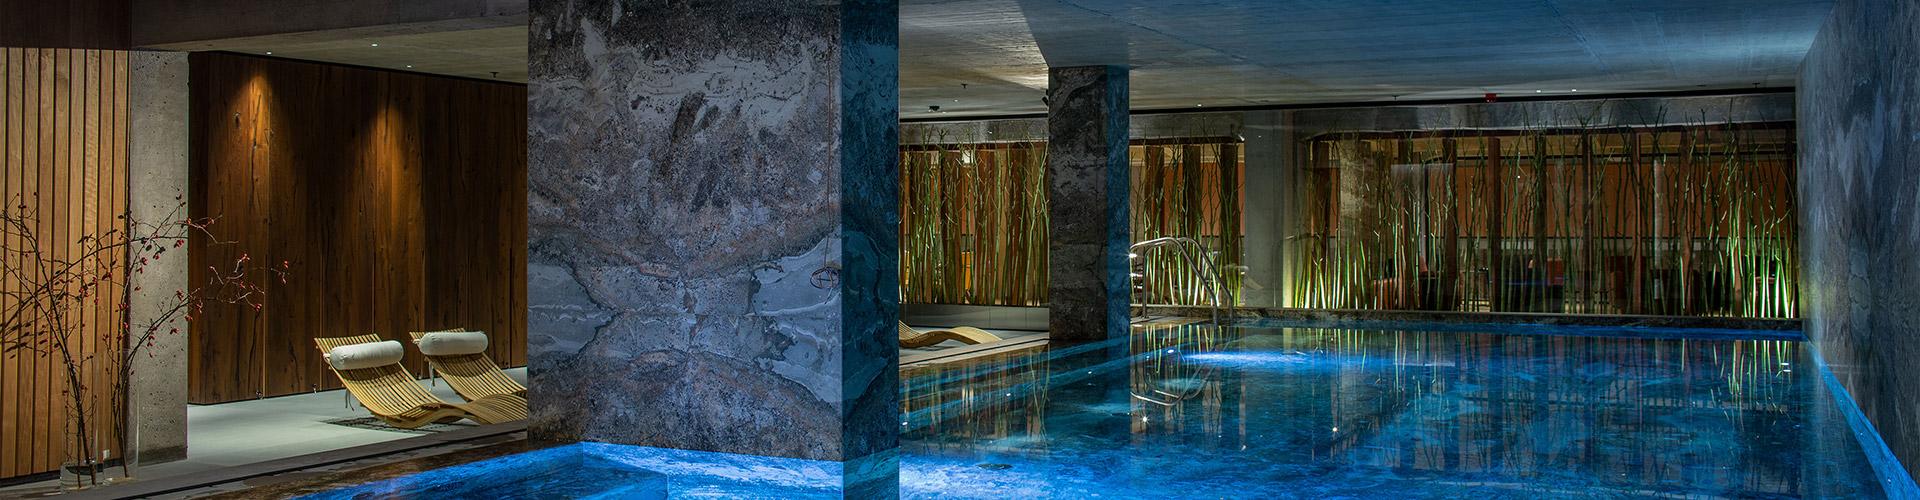 Hotel-warszawa-pieciogwiazkowy-hotel-w-centrum-warszawy-wellness-i-spa